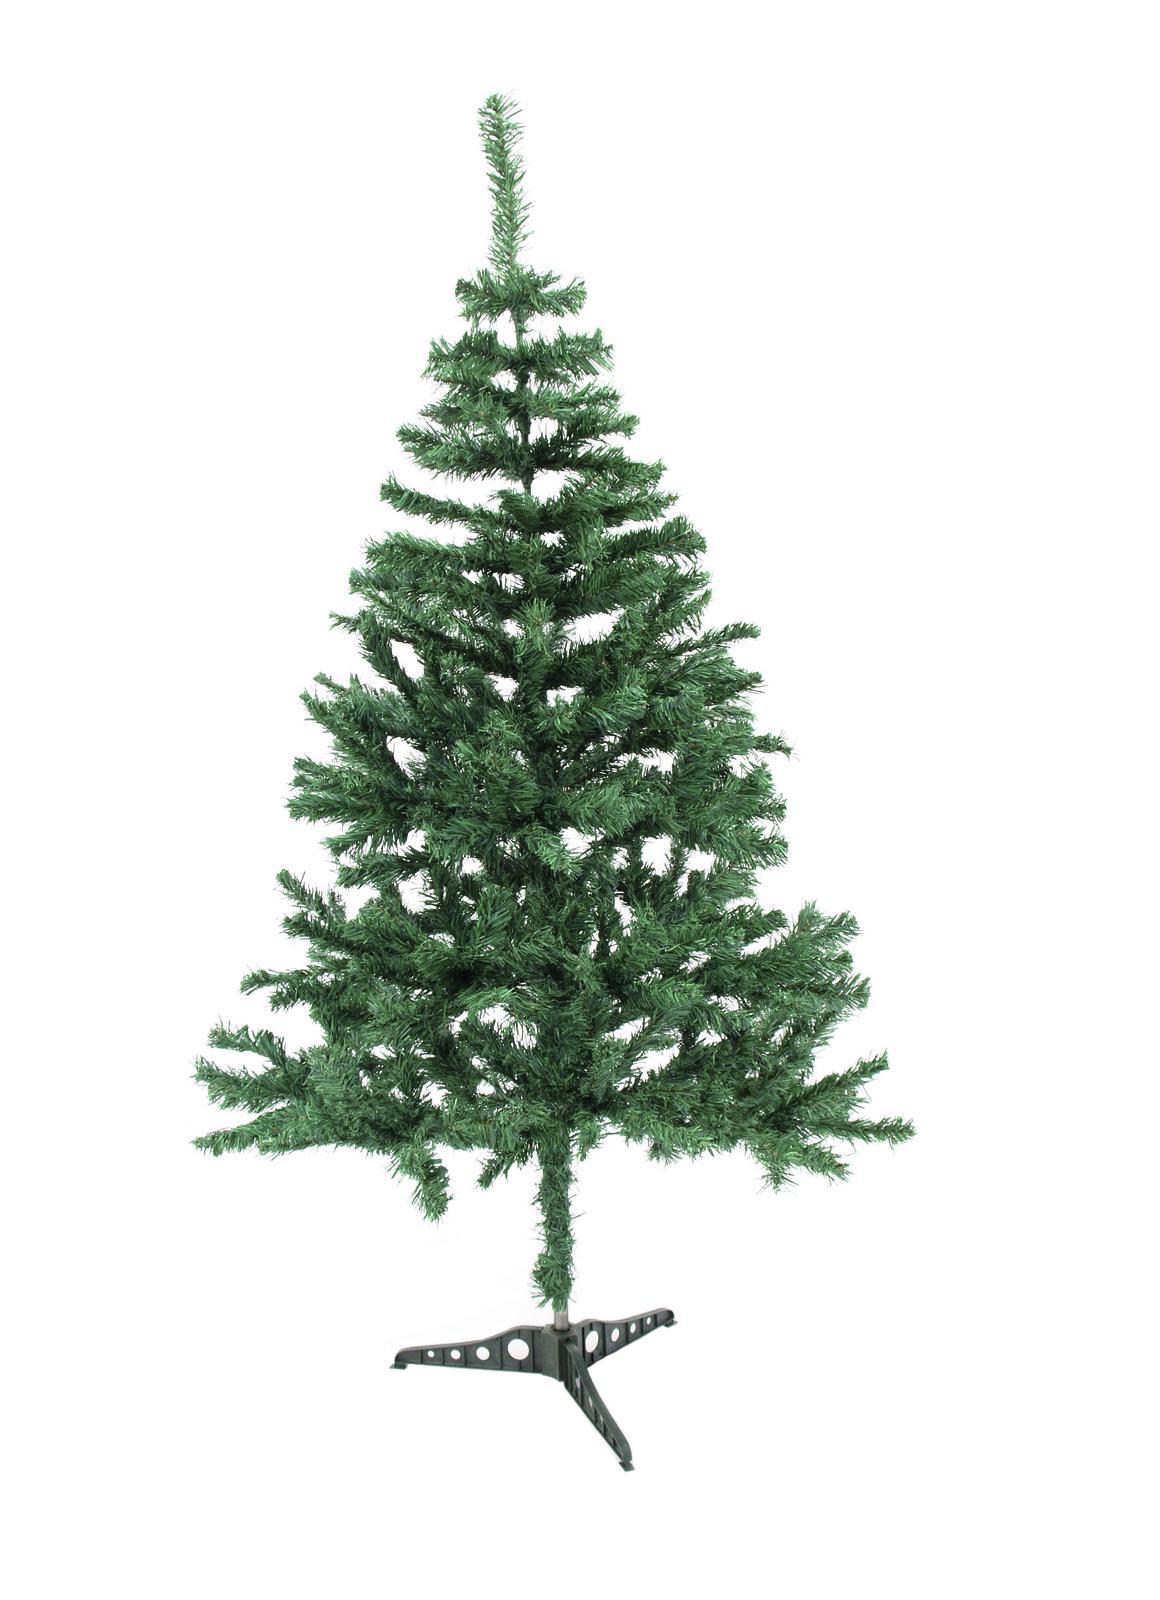 Albero Di Natale Finto.Albero Di Natale Finto Artificiale 210cm Con Base Piante Finte Fiori Artificiali Fedeli Al Dettaglio Piante Finte Com